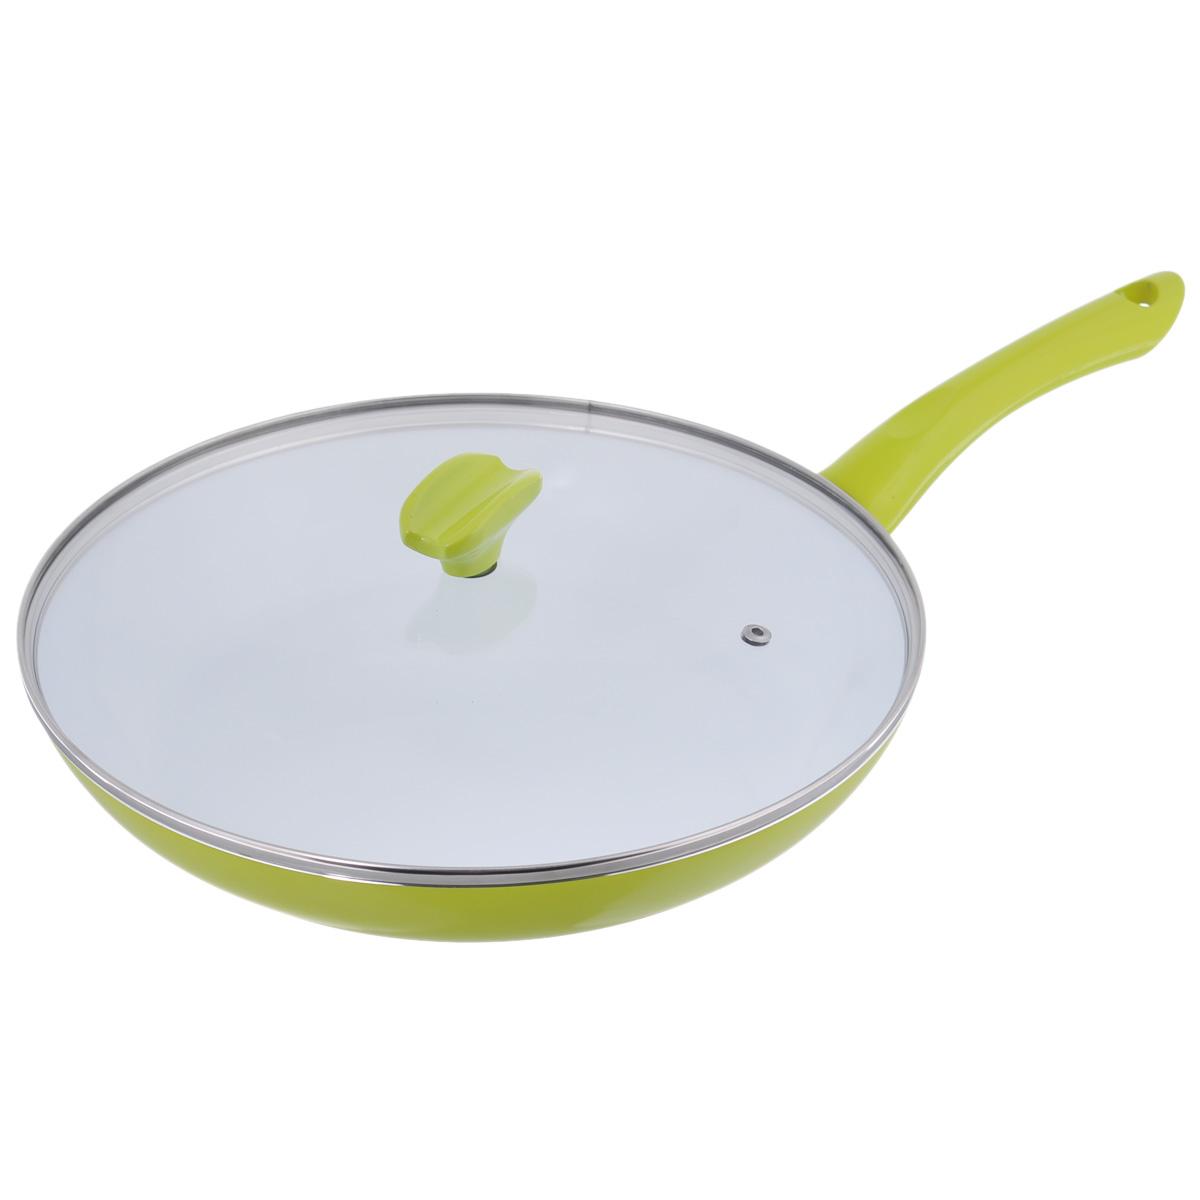 Сковорода Bekker Koch с крышкой, с керамическим покрытием, цвет: зеленый. Диаметр 30 см. BK-3720BK-3720Сковорода Bekker Koch изготовлена из алюминия с внутренним антипригарным керамическим покрытием Cera Green. Благодаря этому пища не пригорает и не прилипает к стенкам. Готовить можно с минимальным количеством масла и жиров. Гладкая поверхность обеспечивает легкость ухода за посудой. Внешнее покрытие - цветной жаростойкий лак. Изделие оснащено удобной бакелитовой ручкой, которая не нагревается в процессе готовки. Крышка изготовлена из термостойкого стекла, оснащена ободом из нержавеющей стали, ручкой и пароотводом. Такая крышка позволяет следить за процессом приготовления пищи без потери тепла. Она плотно прилегает к краю посуды, сохраняя аромат блюд. Сковорода подходит для использования на всех типах кухонных плит, кроме индукционных. Можно мыть в посудомоечной машине.